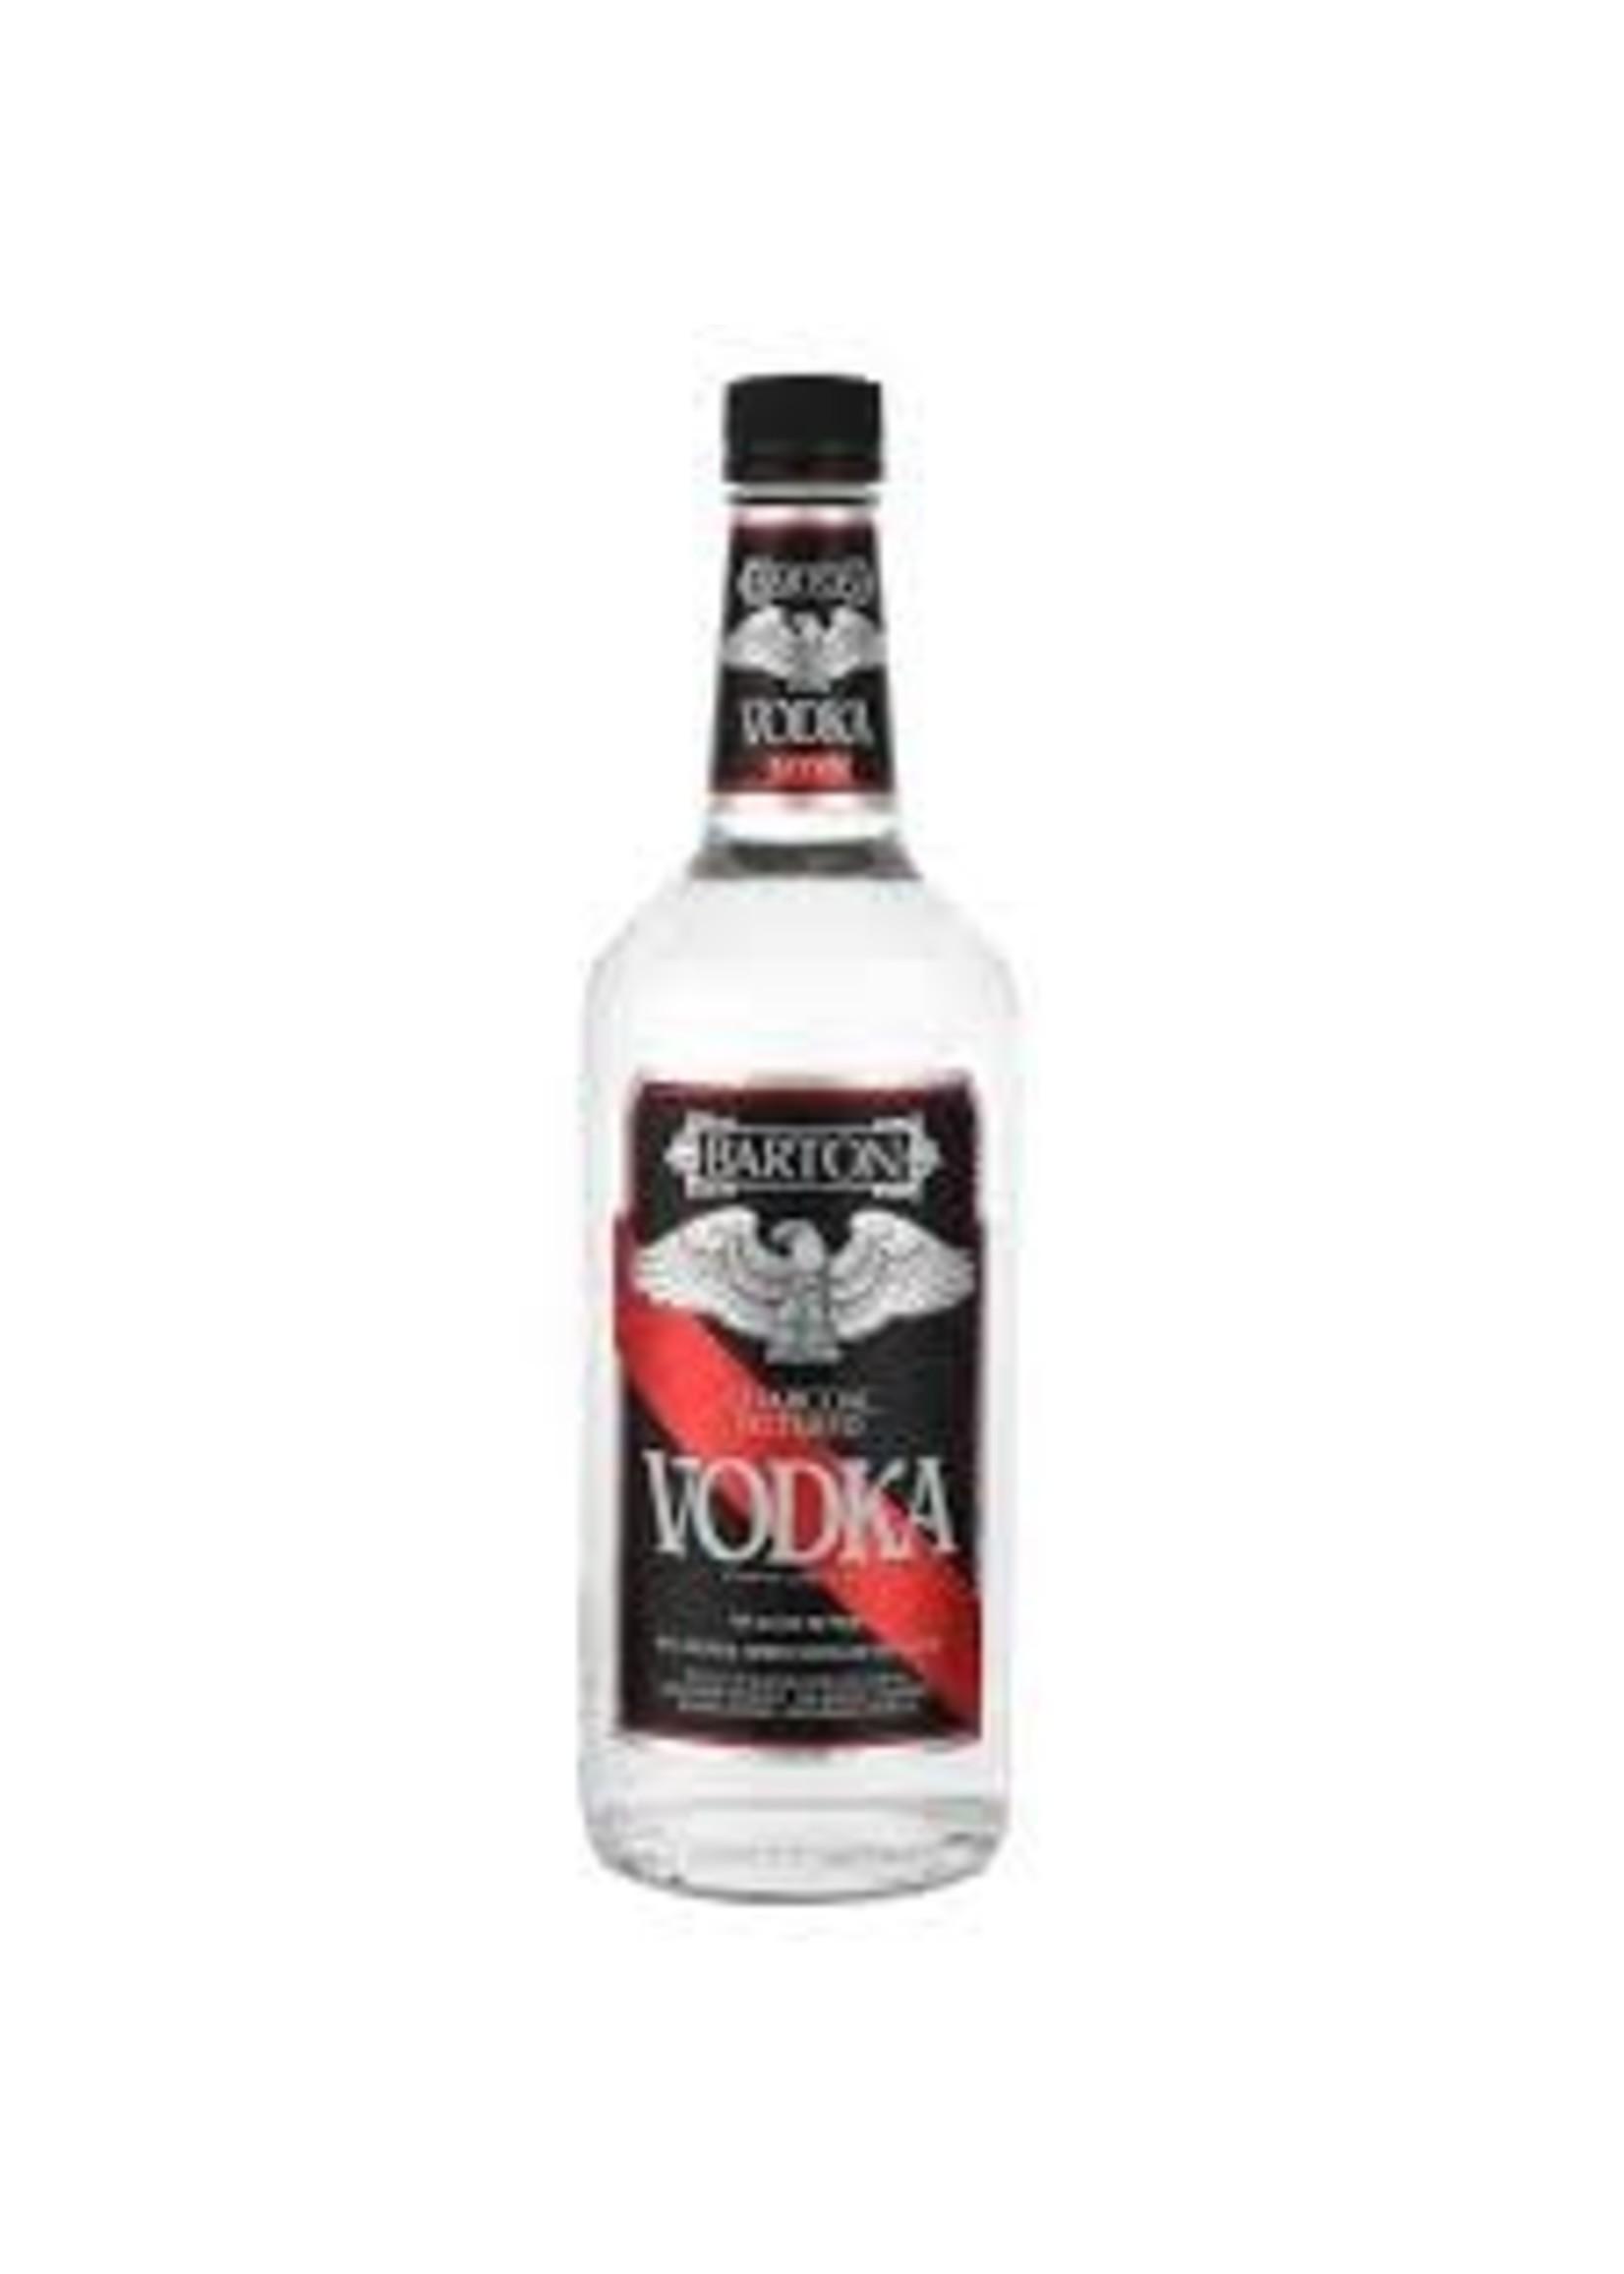 Barton Barton / Vodka